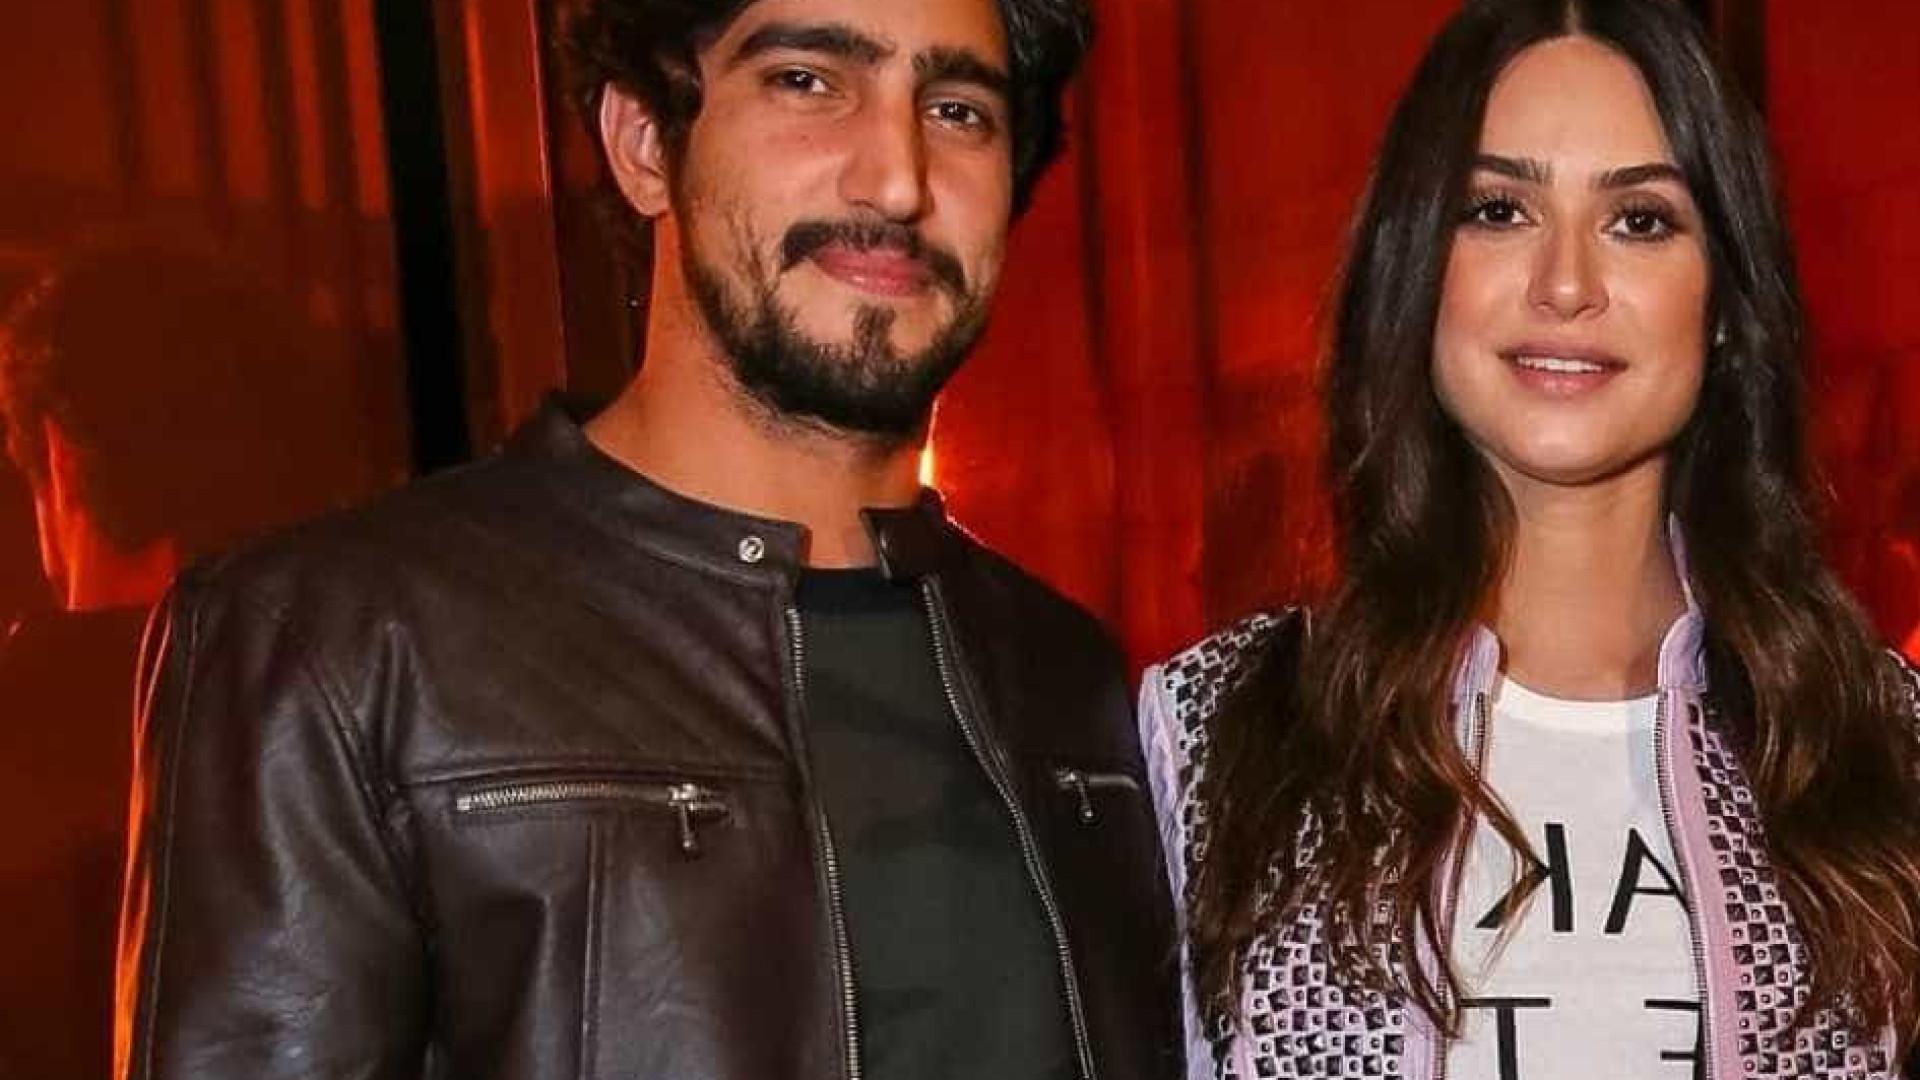 Thaila Ayala e Renato Góes trocam beijos em show, diz jornal